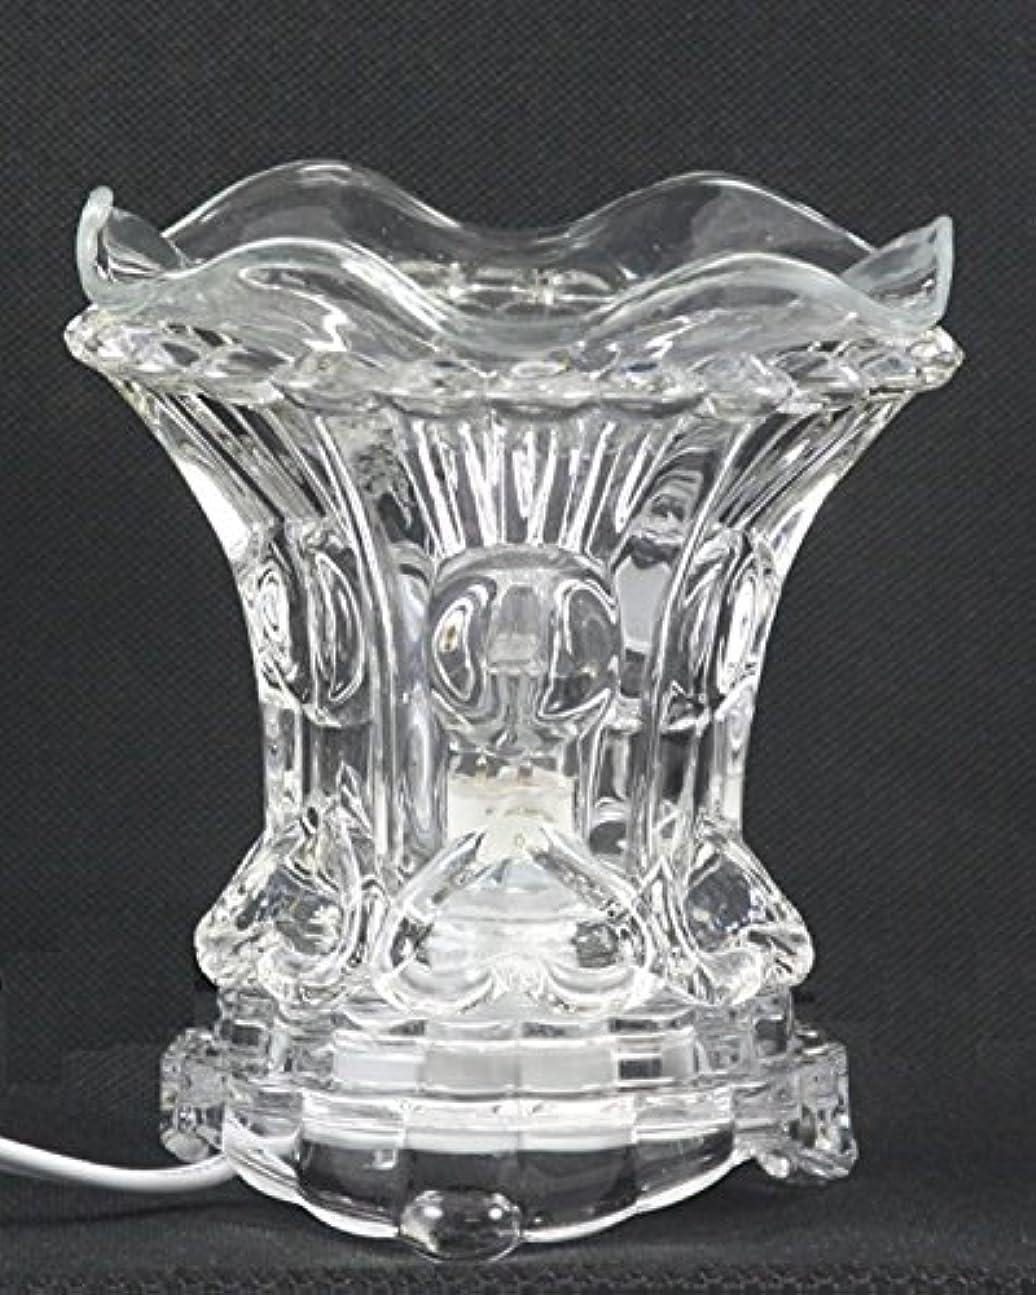 父方の優雅な絶滅したクリア( es259cl ) ElectricガラスフレグランスScented Oil Warmer ( Burner / Warmer /ランプ) withディマースイッチ